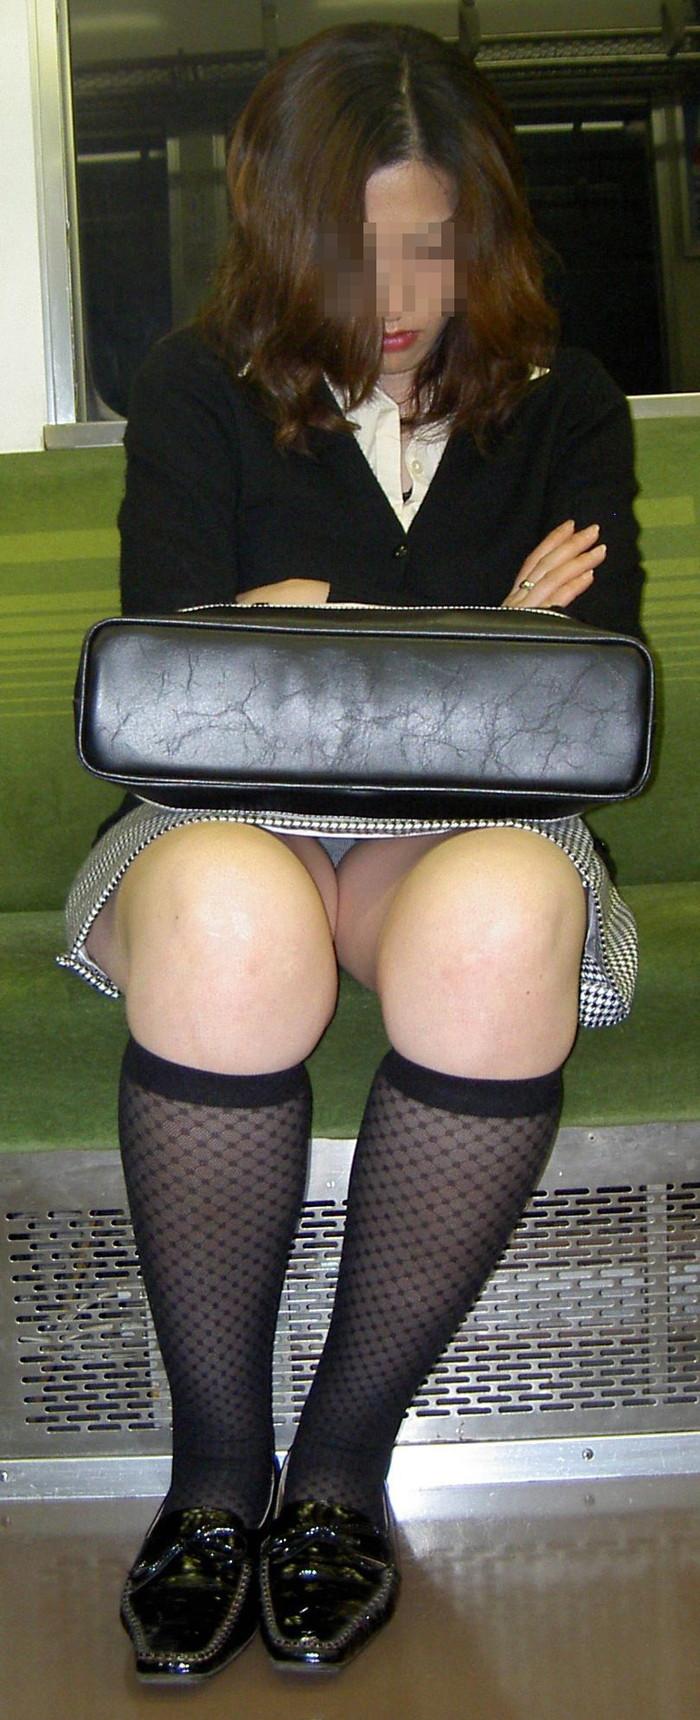 【対面パンチラエロ画像】対面に座った女の子のスカートの中が気になりすぎる!w 13